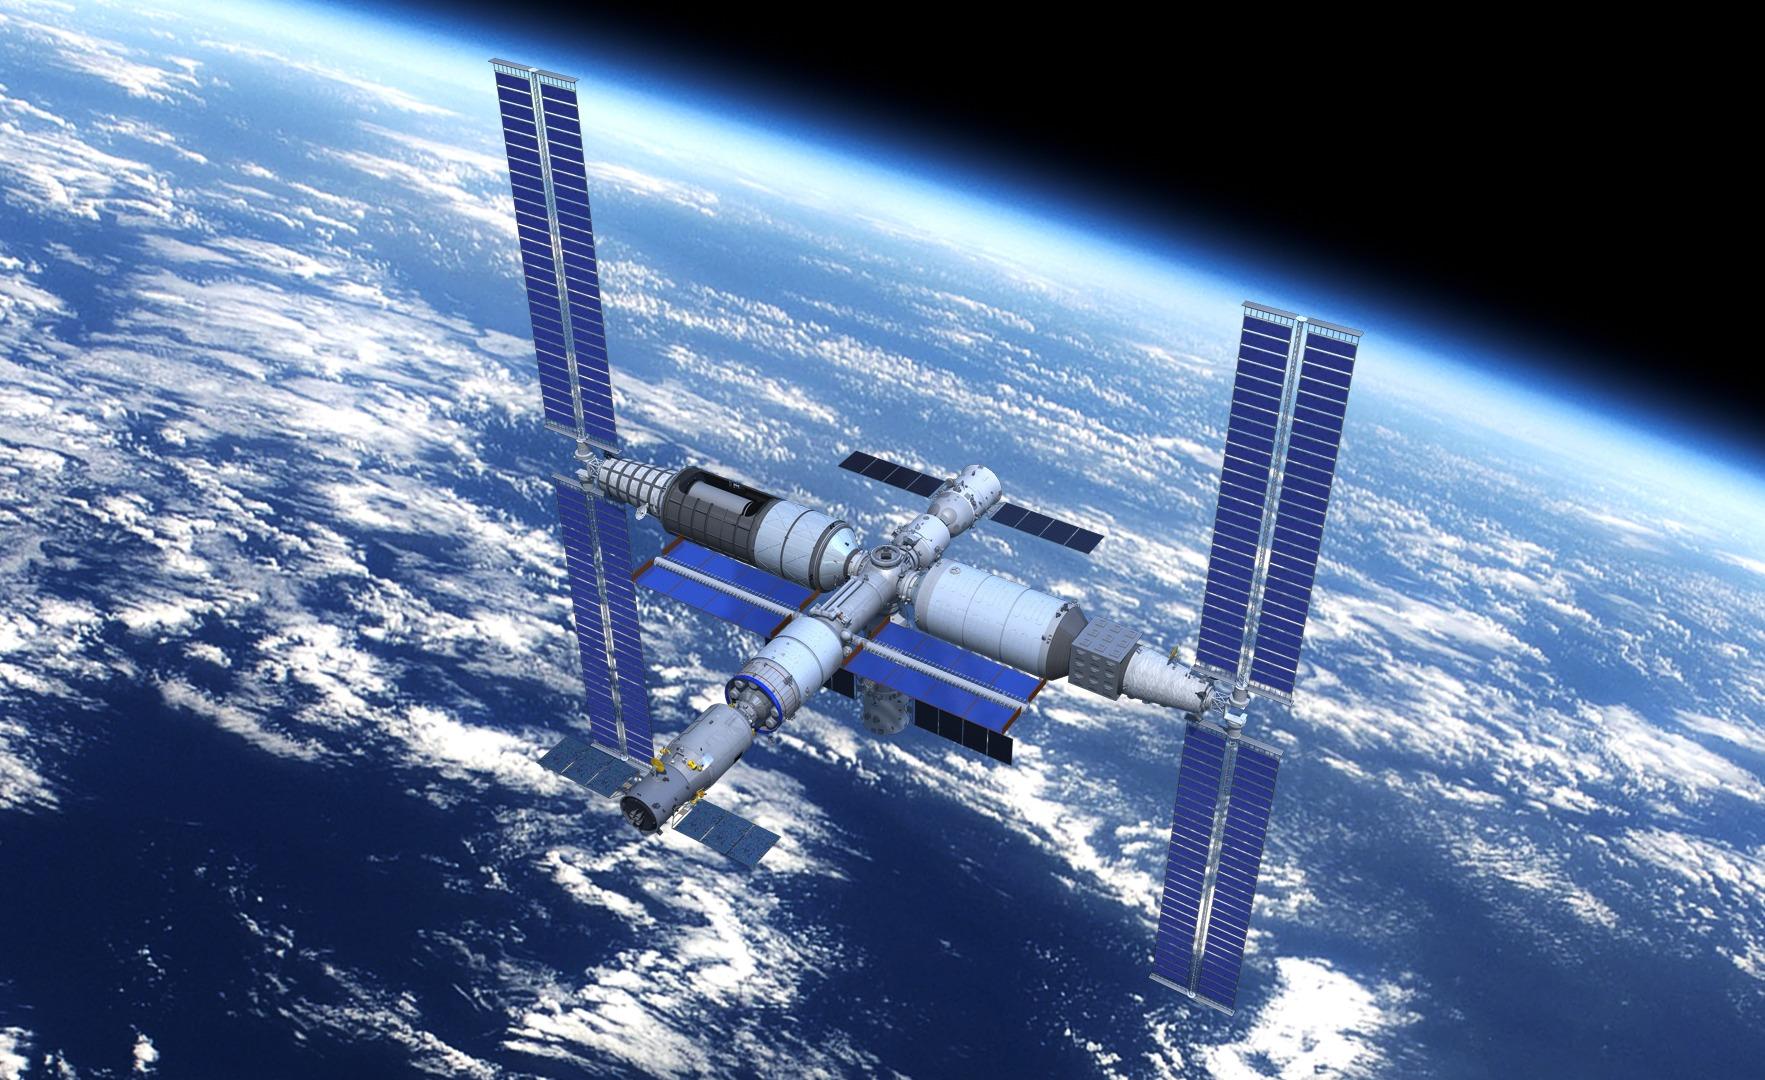 天宫空间站纸模型 TianGong Space Station Paper Models